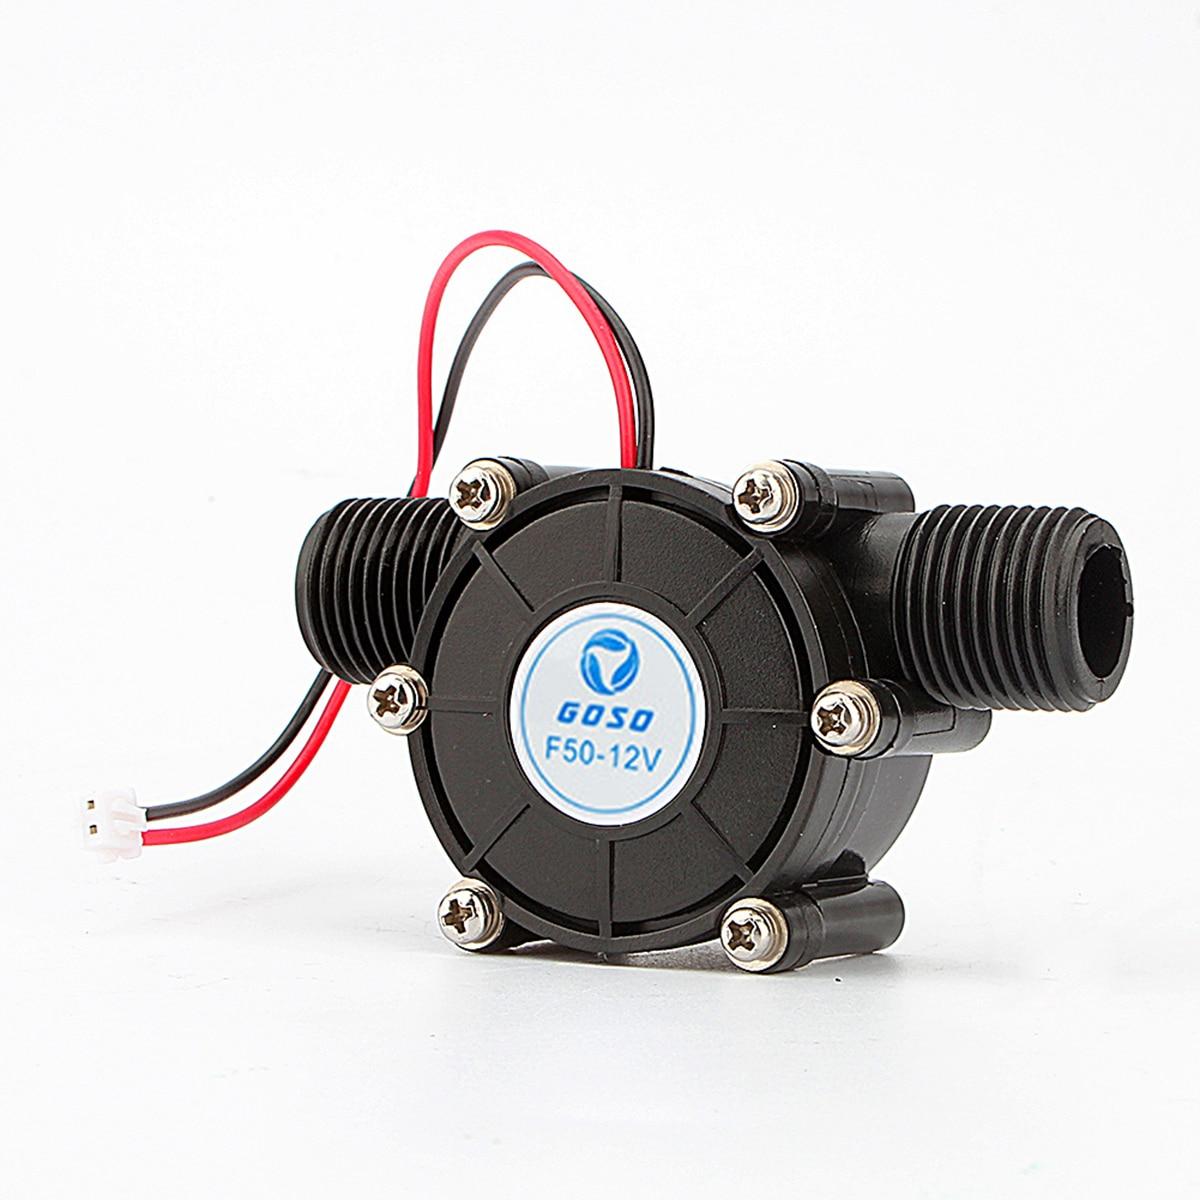 1 шт. DC 12V DC генератор 10W Micro Hydro генератор, турбина, водопроводный генератор высокой мощности|Генераторы альтернативной энергии|   | АлиЭкспресс